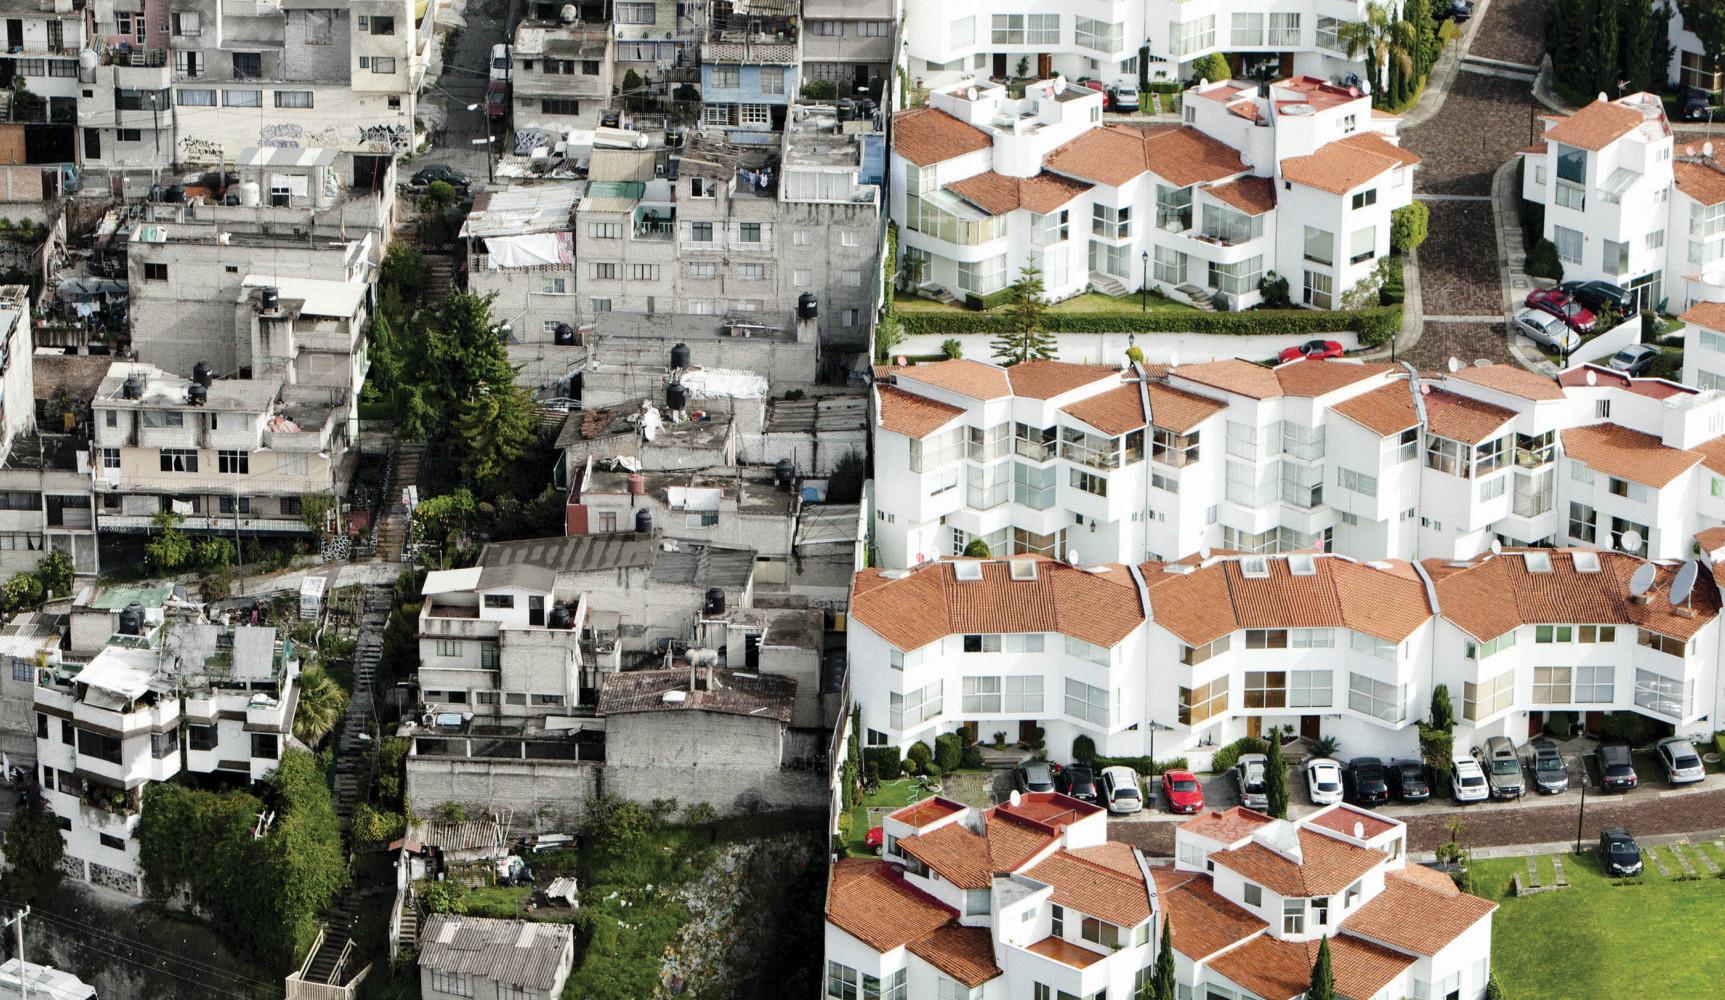 Ricchezza e povertà: l'indice di Gini